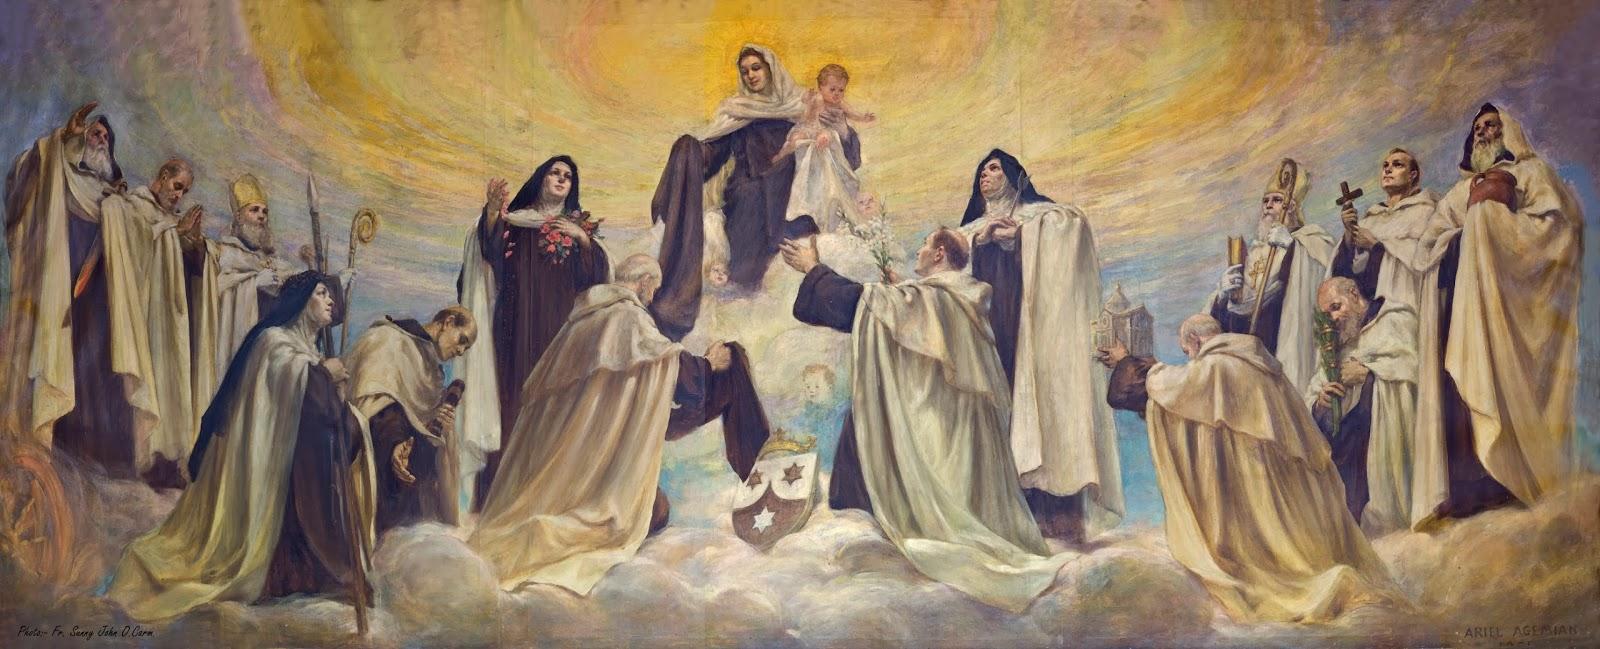 Classy † Carmelite